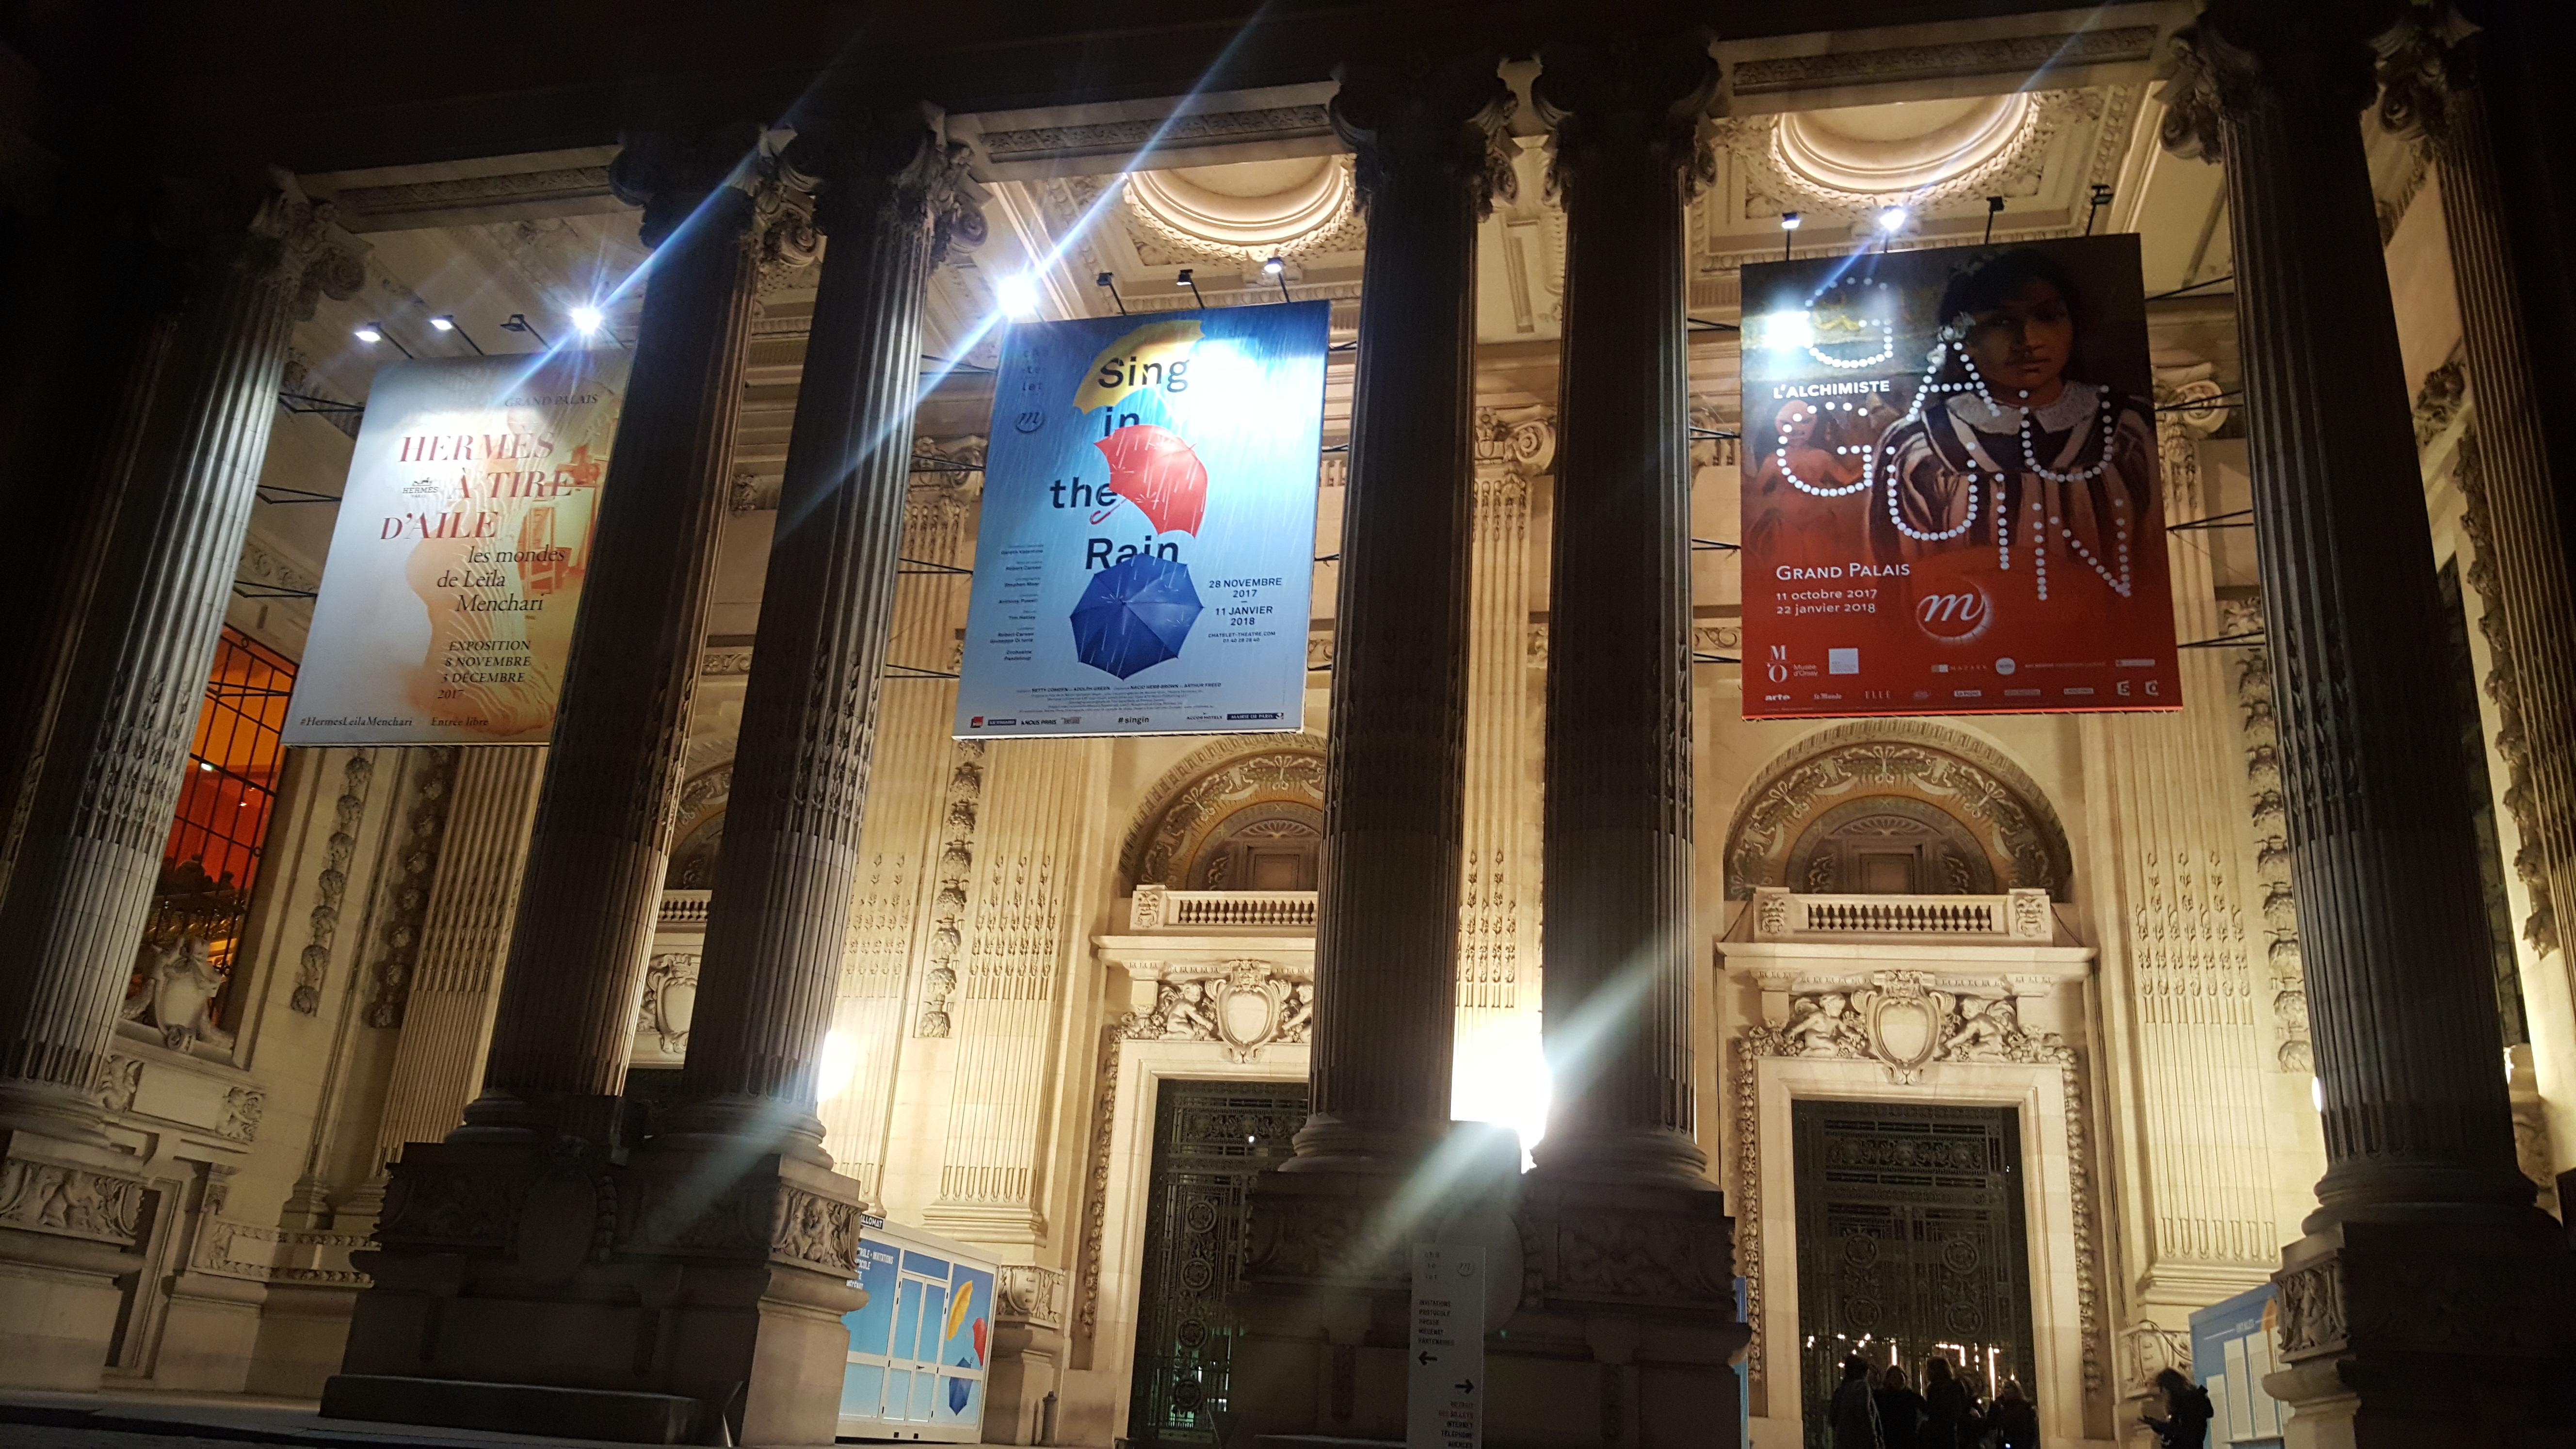 Singin'in the Rain au Grand Palais